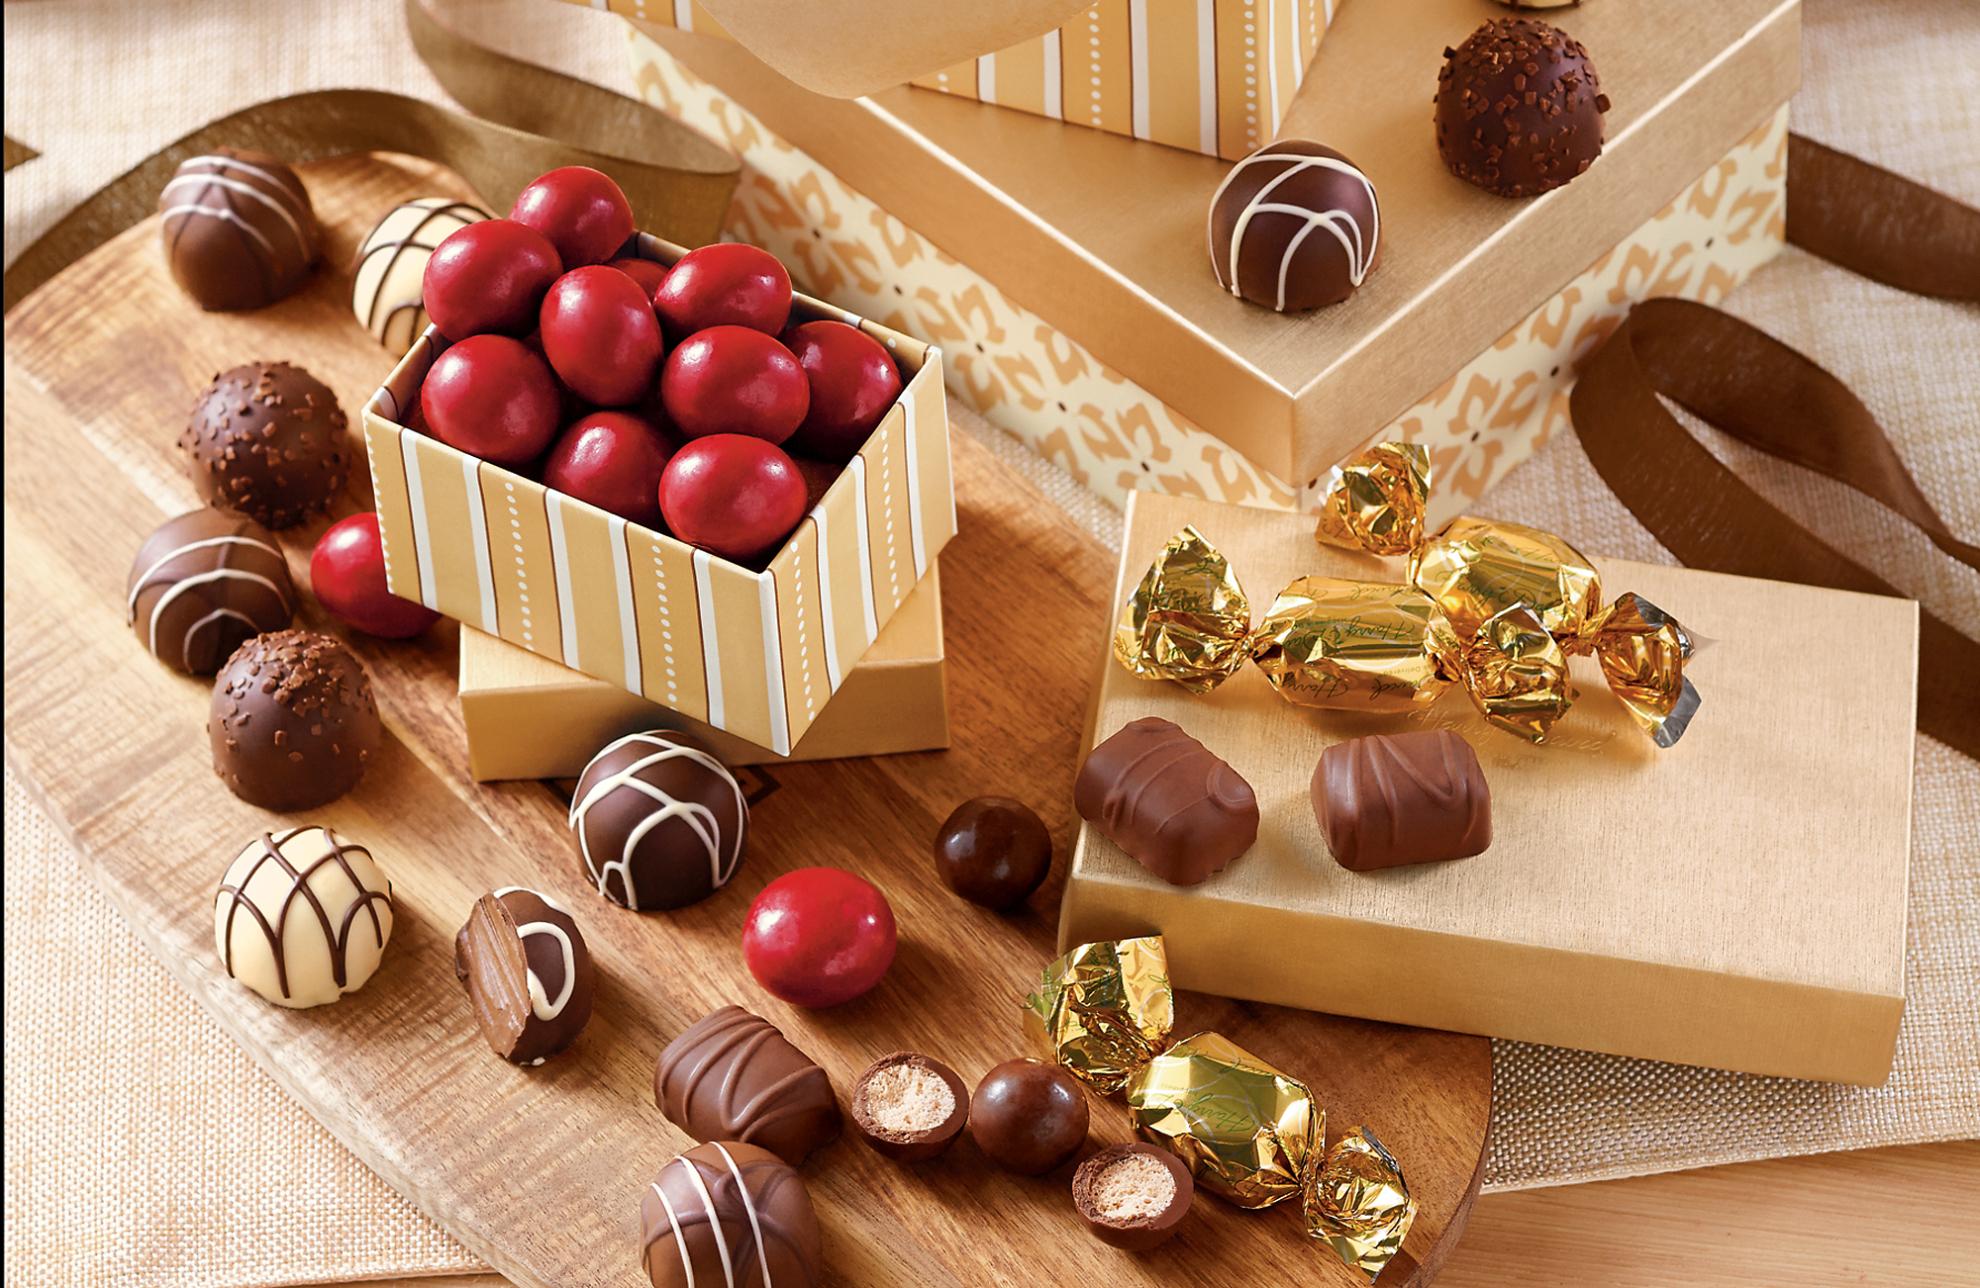 еда чай конфеты яблоки food tea candy apples  № 325913 загрузить